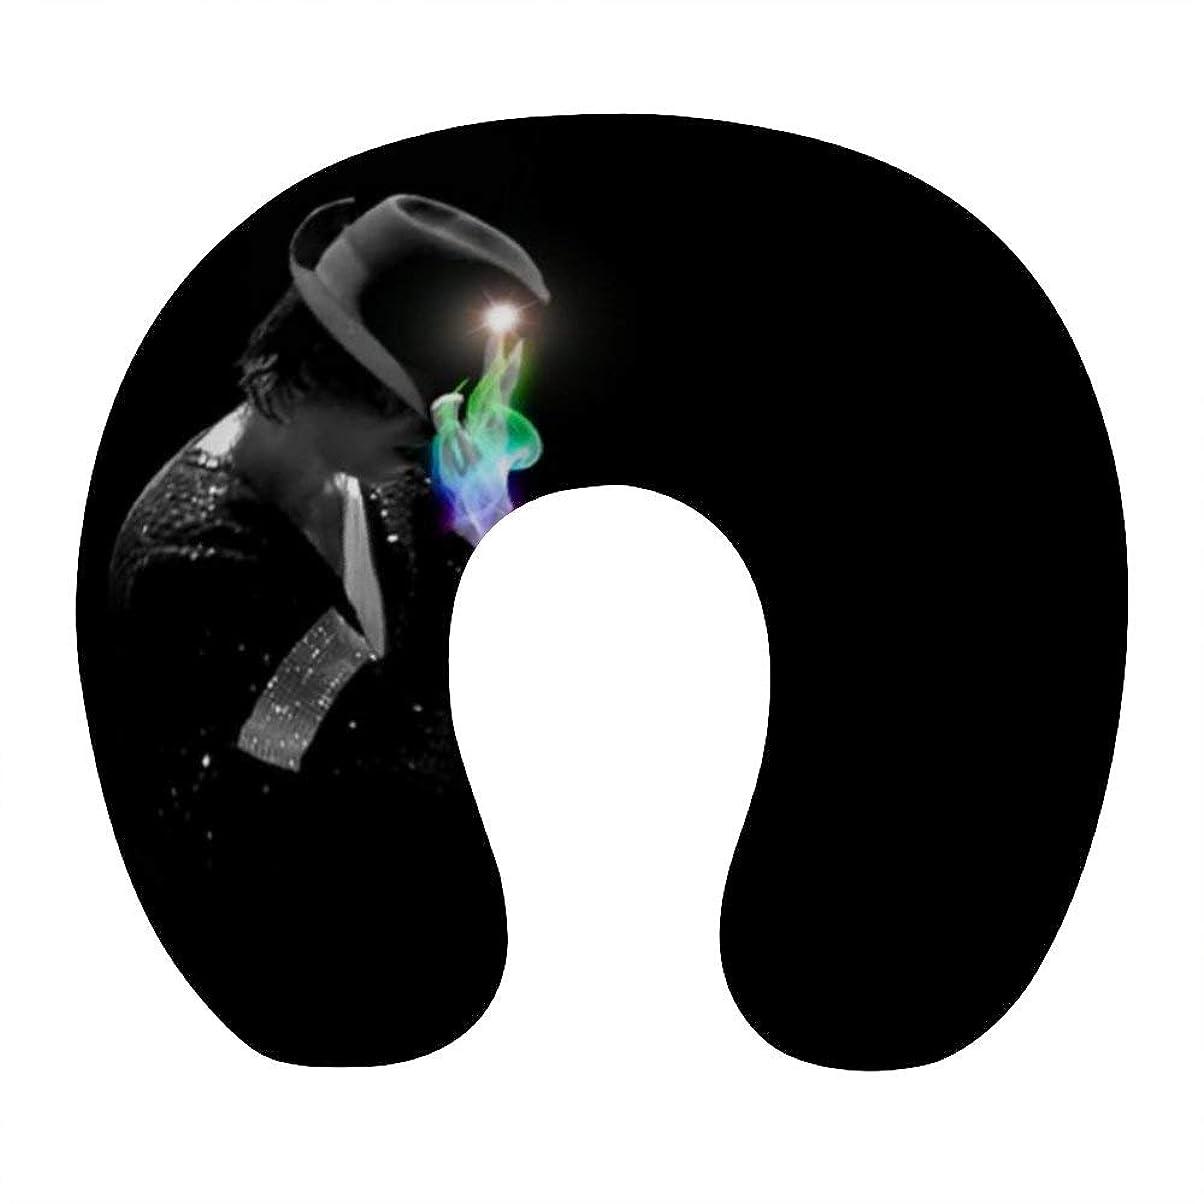 驚くべきユニークな不要Michael Jackson (16)ネックピロー U型まくら 携帯枕 携帯収納便利 ネック枕 オフィス 飛行機 新幹線 出張